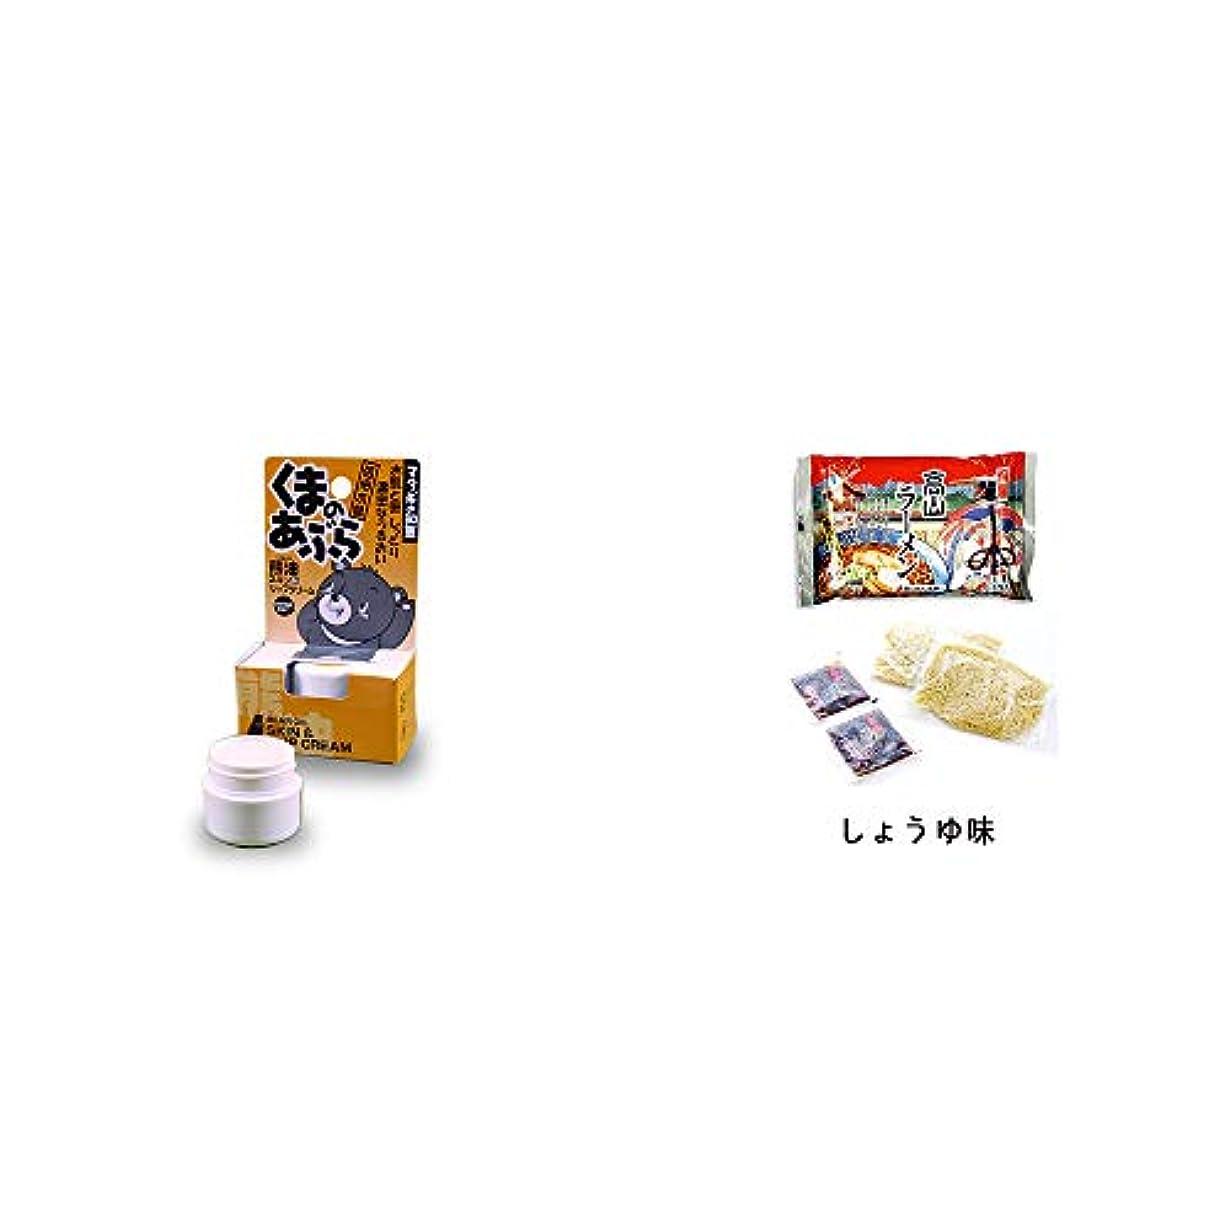 シルク儀式保守的[2点セット] 信州木曽 くまのあぶら 熊油スキン&リップクリーム(9g)?飛騨高山ラーメン[生麺?スープ付 (しょうゆ味)]